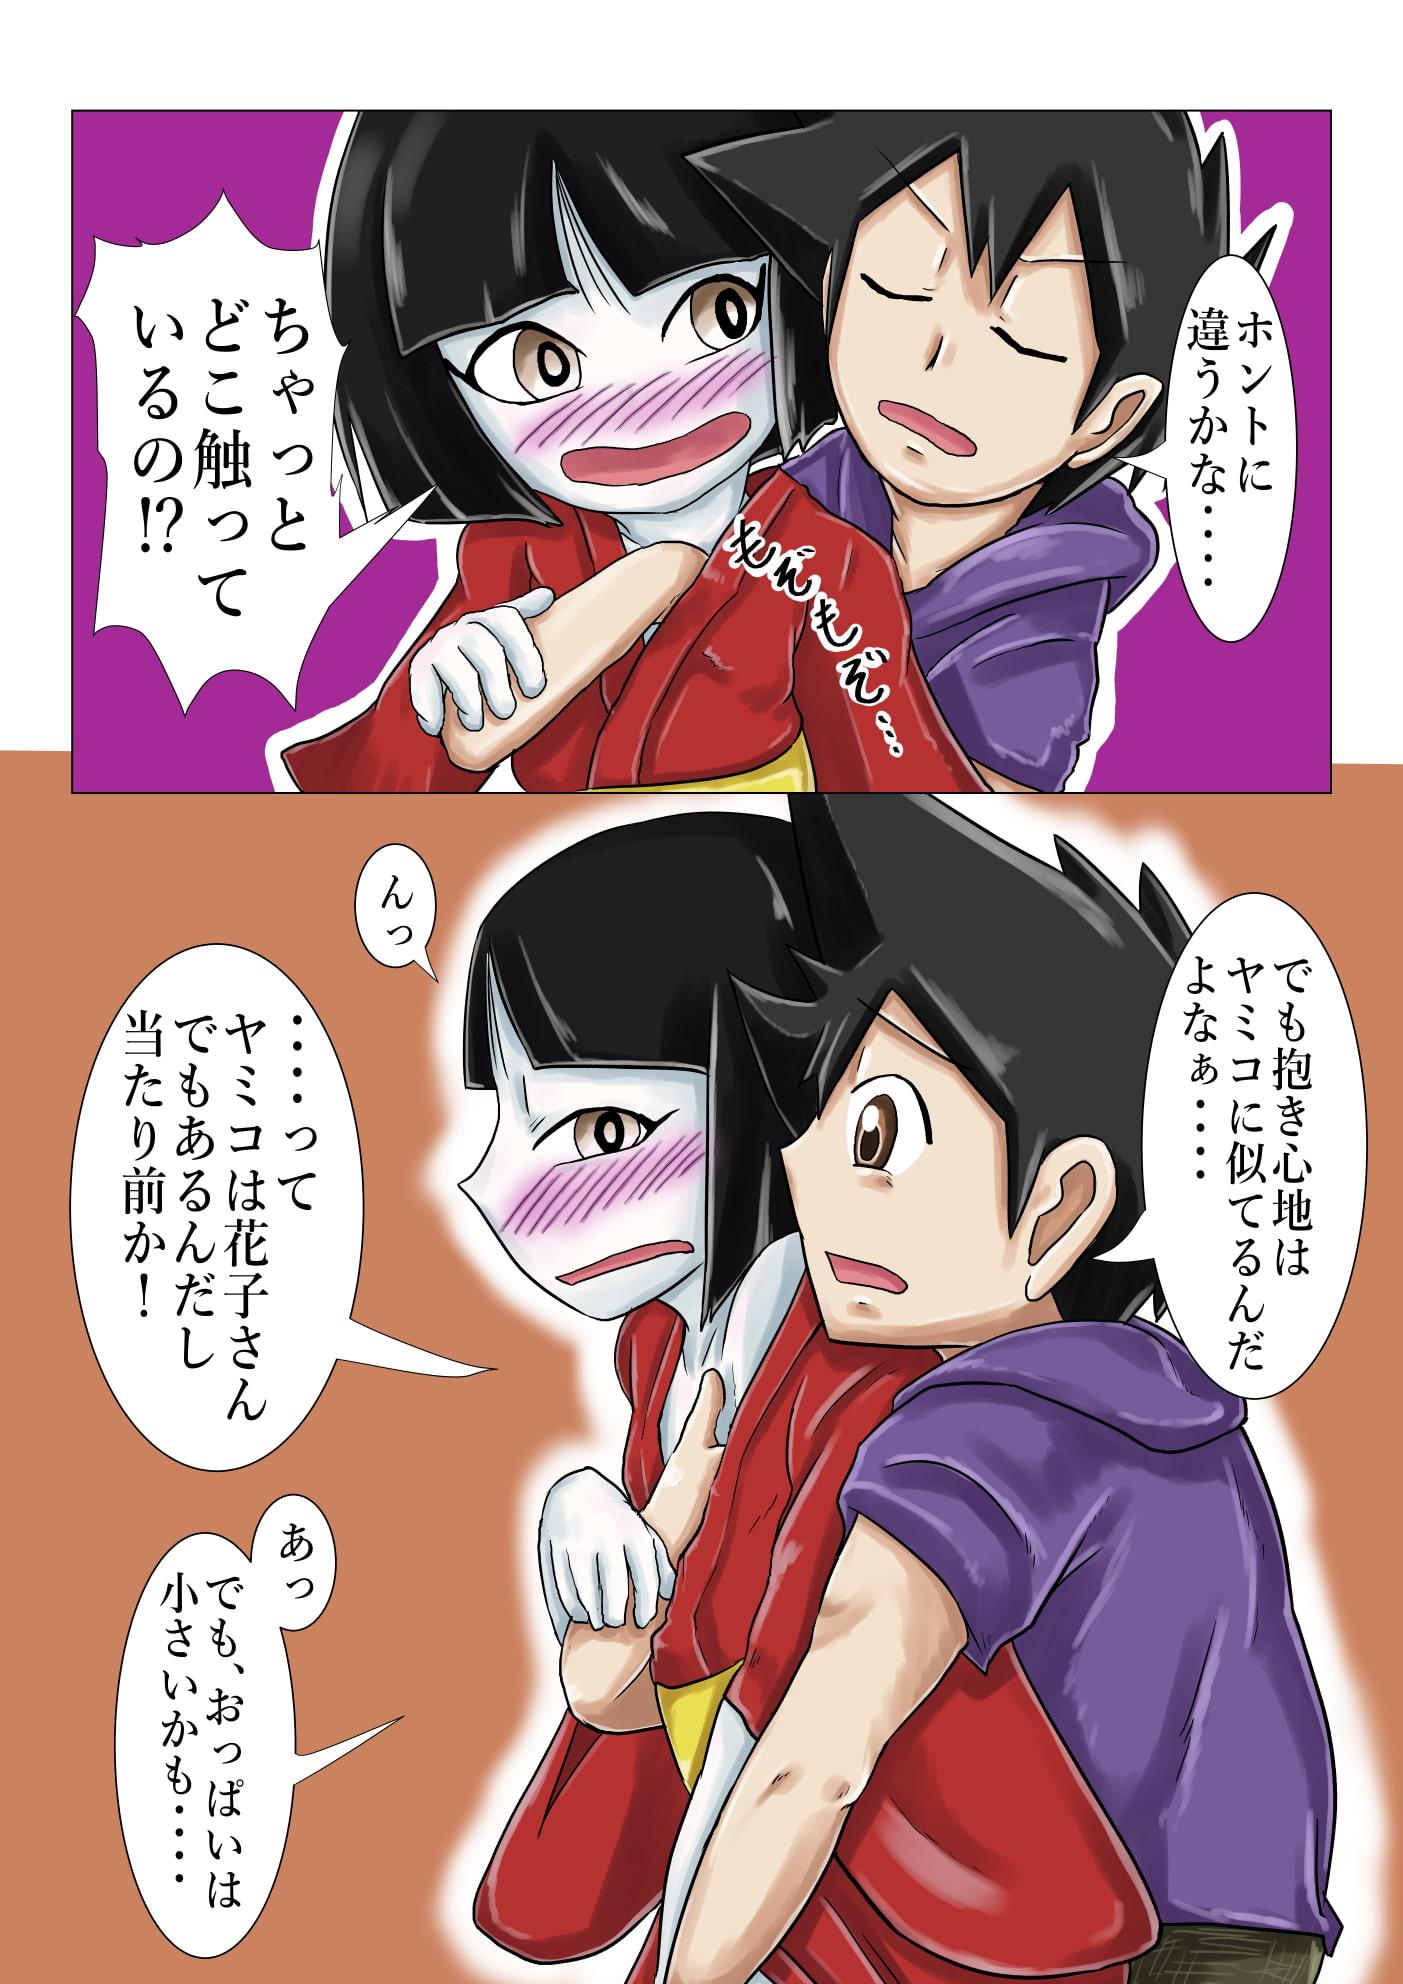 学校の怪談だより 花子さんと花子さんと花子さん